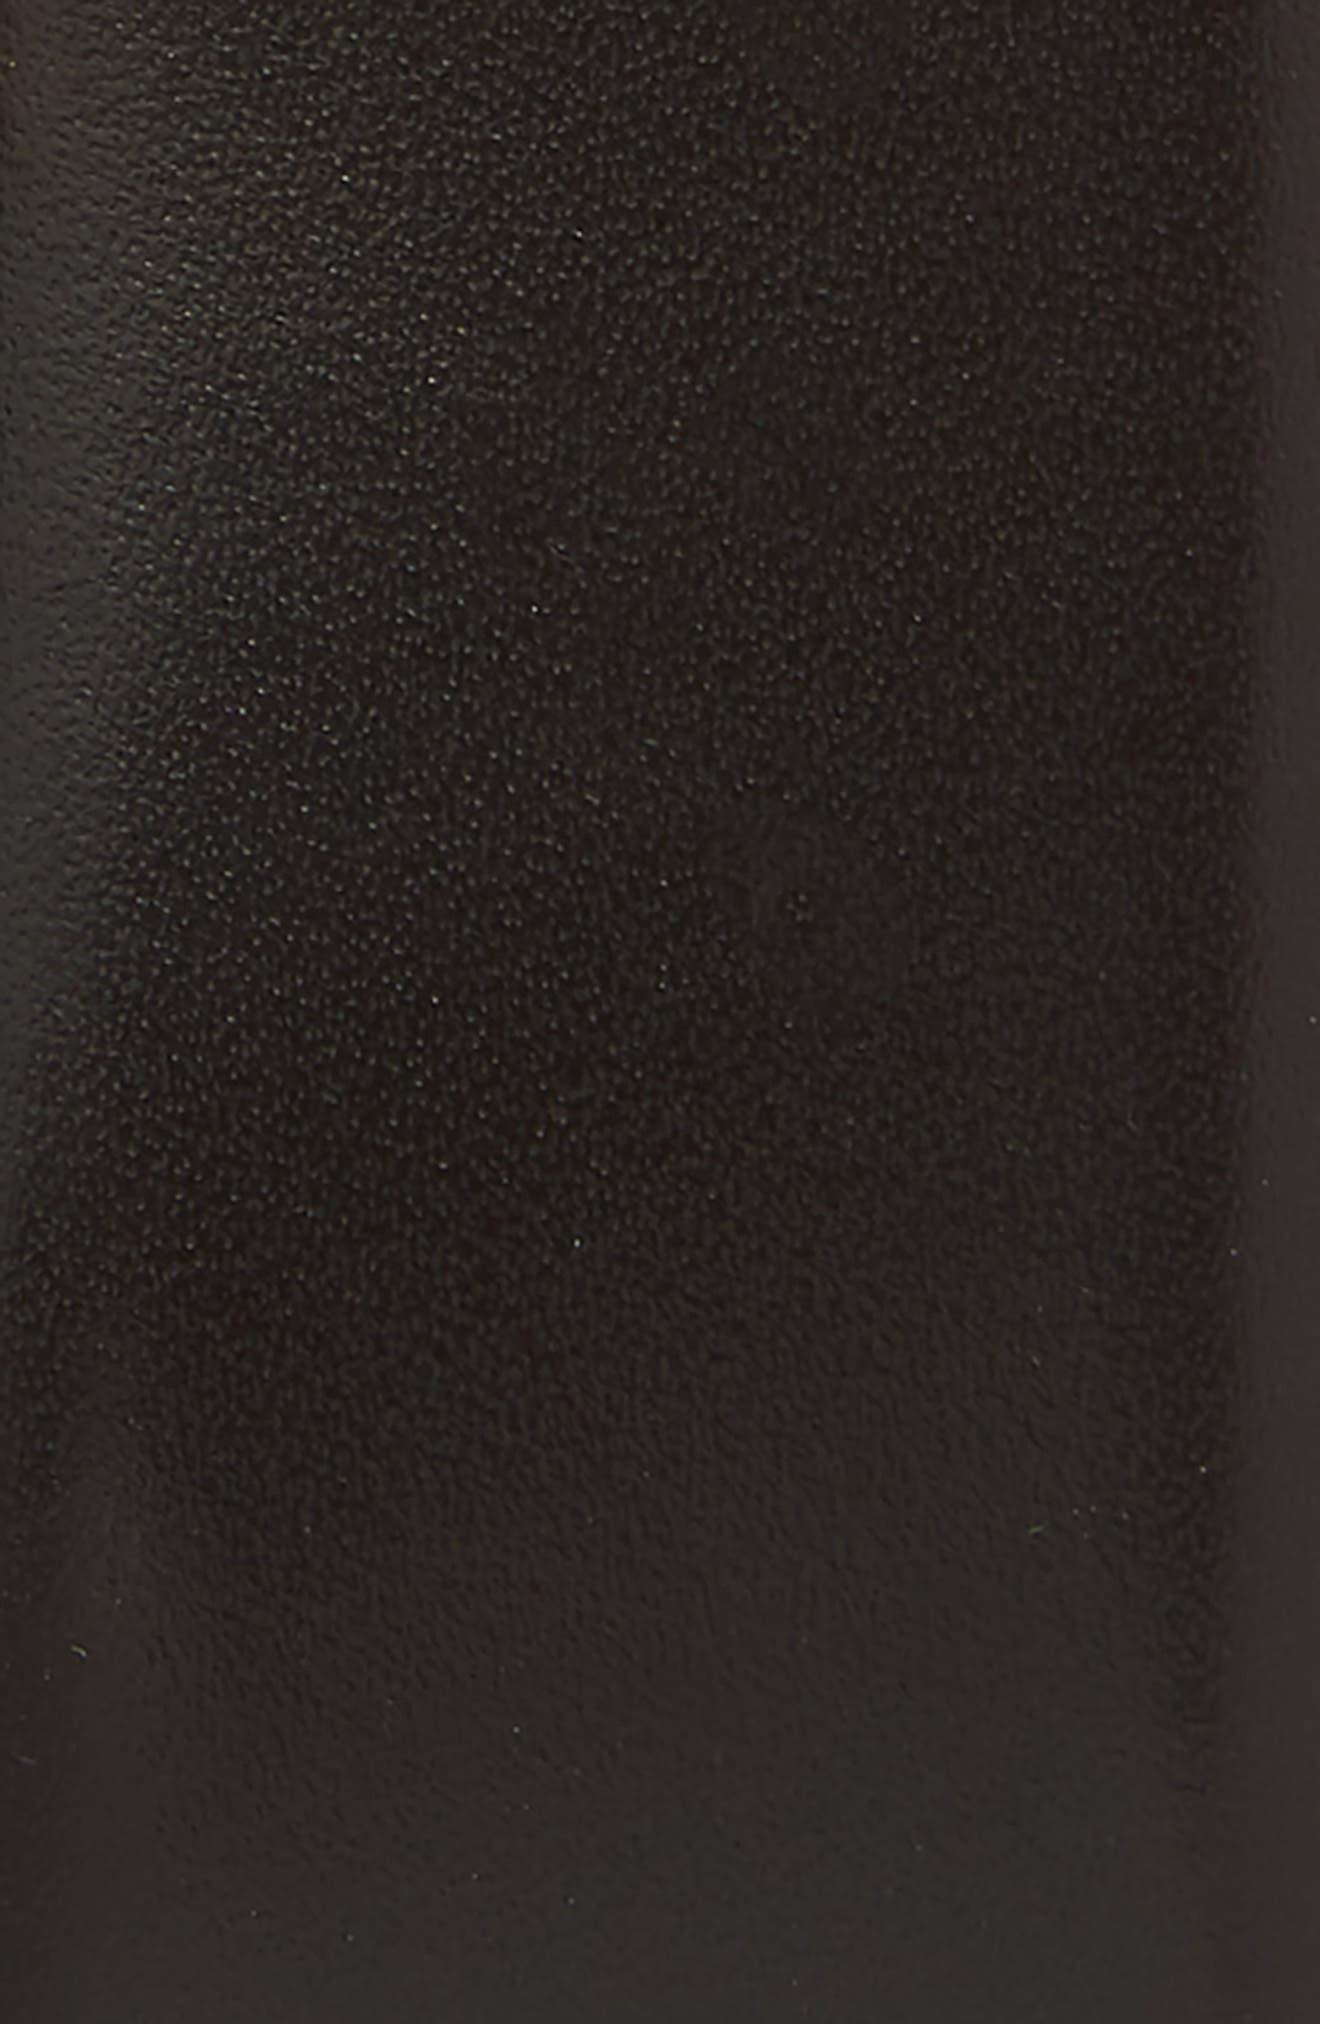 SALVATORE FERRAGAMO, Panini Double Gancio Leather Belt, Alternate thumbnail 2, color, MORO